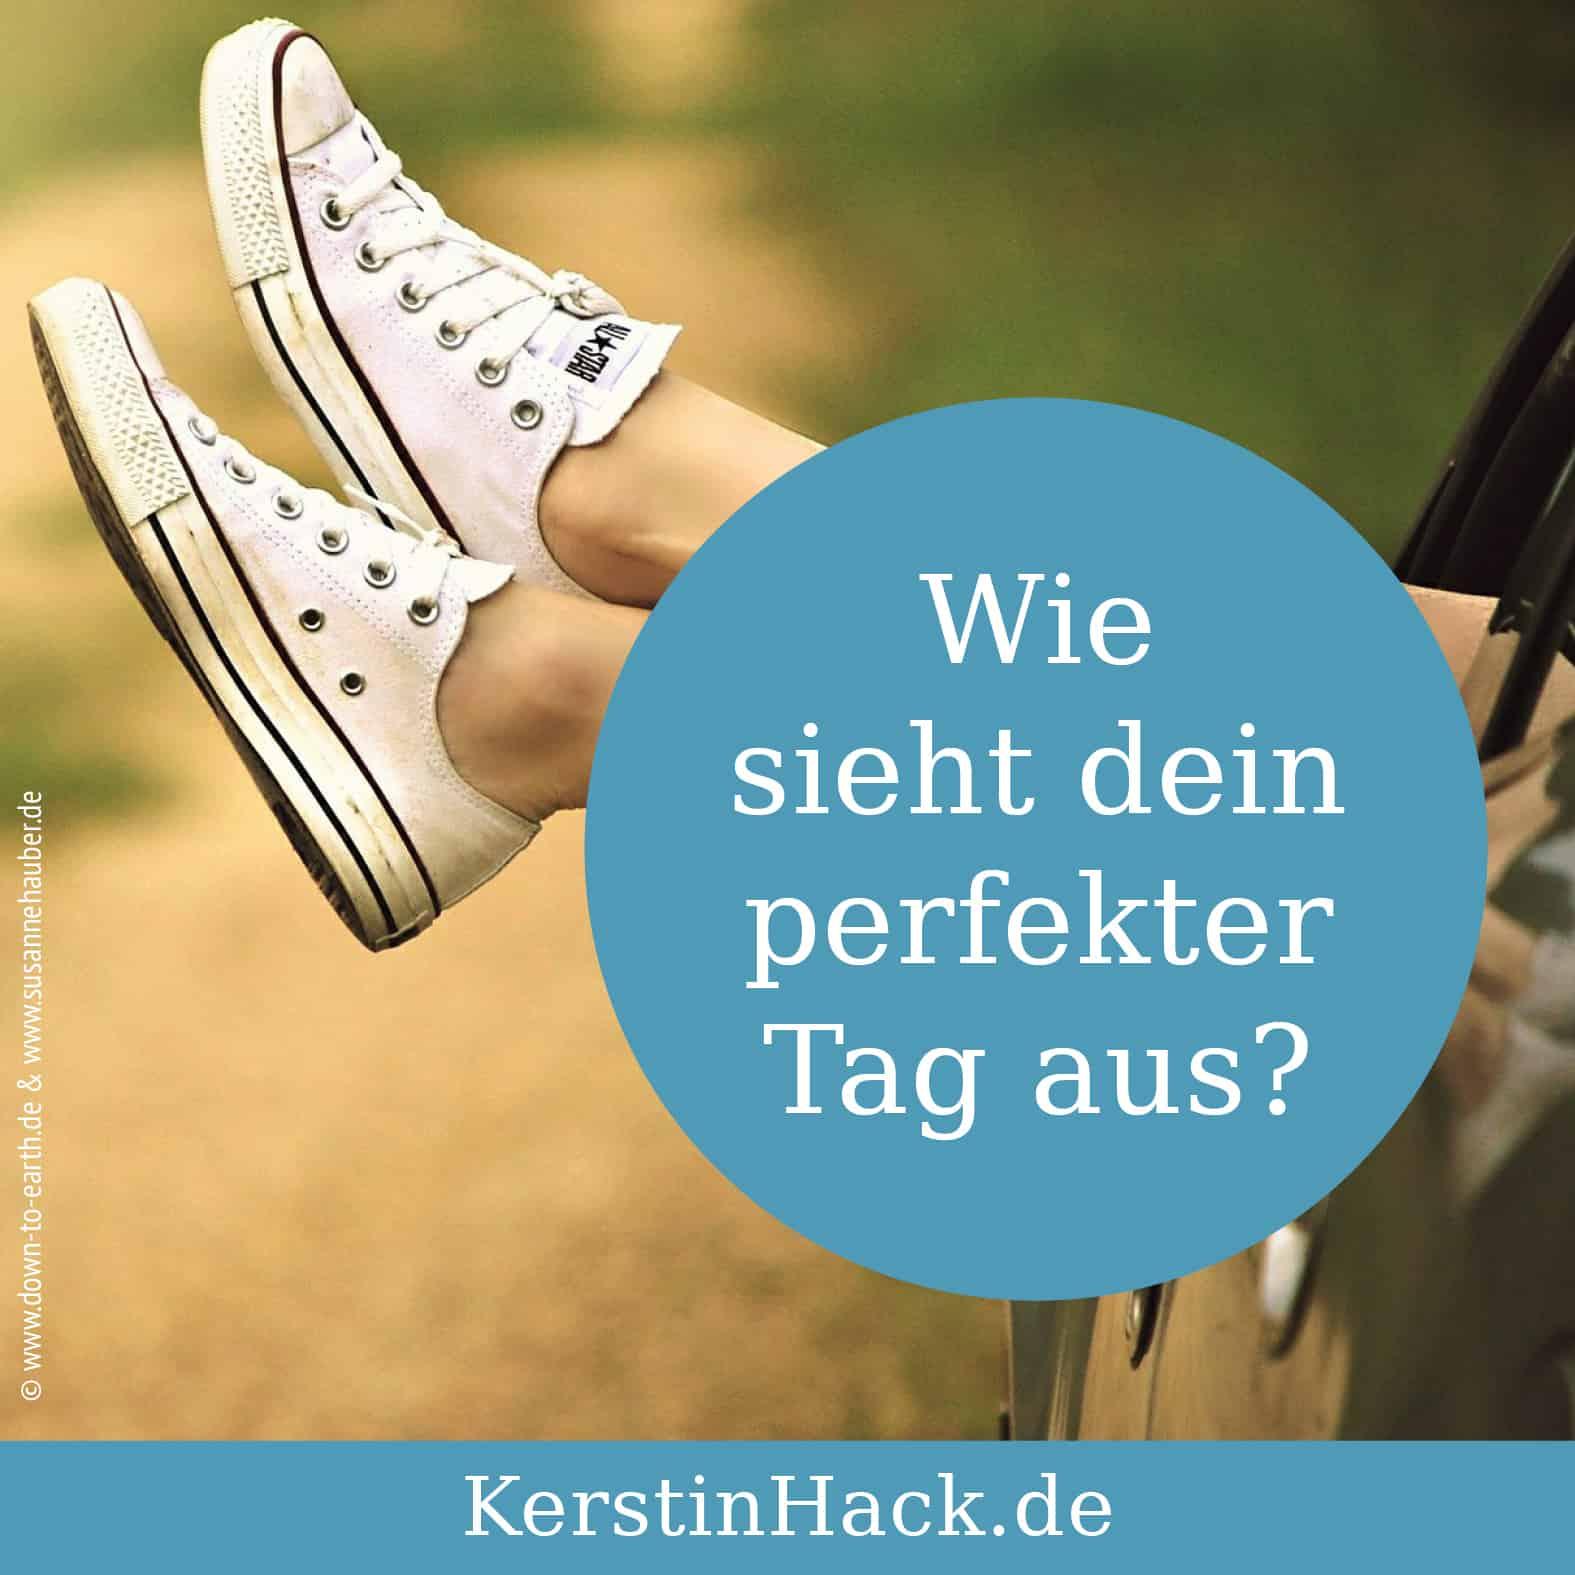 Wie sieht dein perfekter Tag aus? #frage #fragenwagen #gutefragen #reflexion #lebedeinentraum #kerstinhack